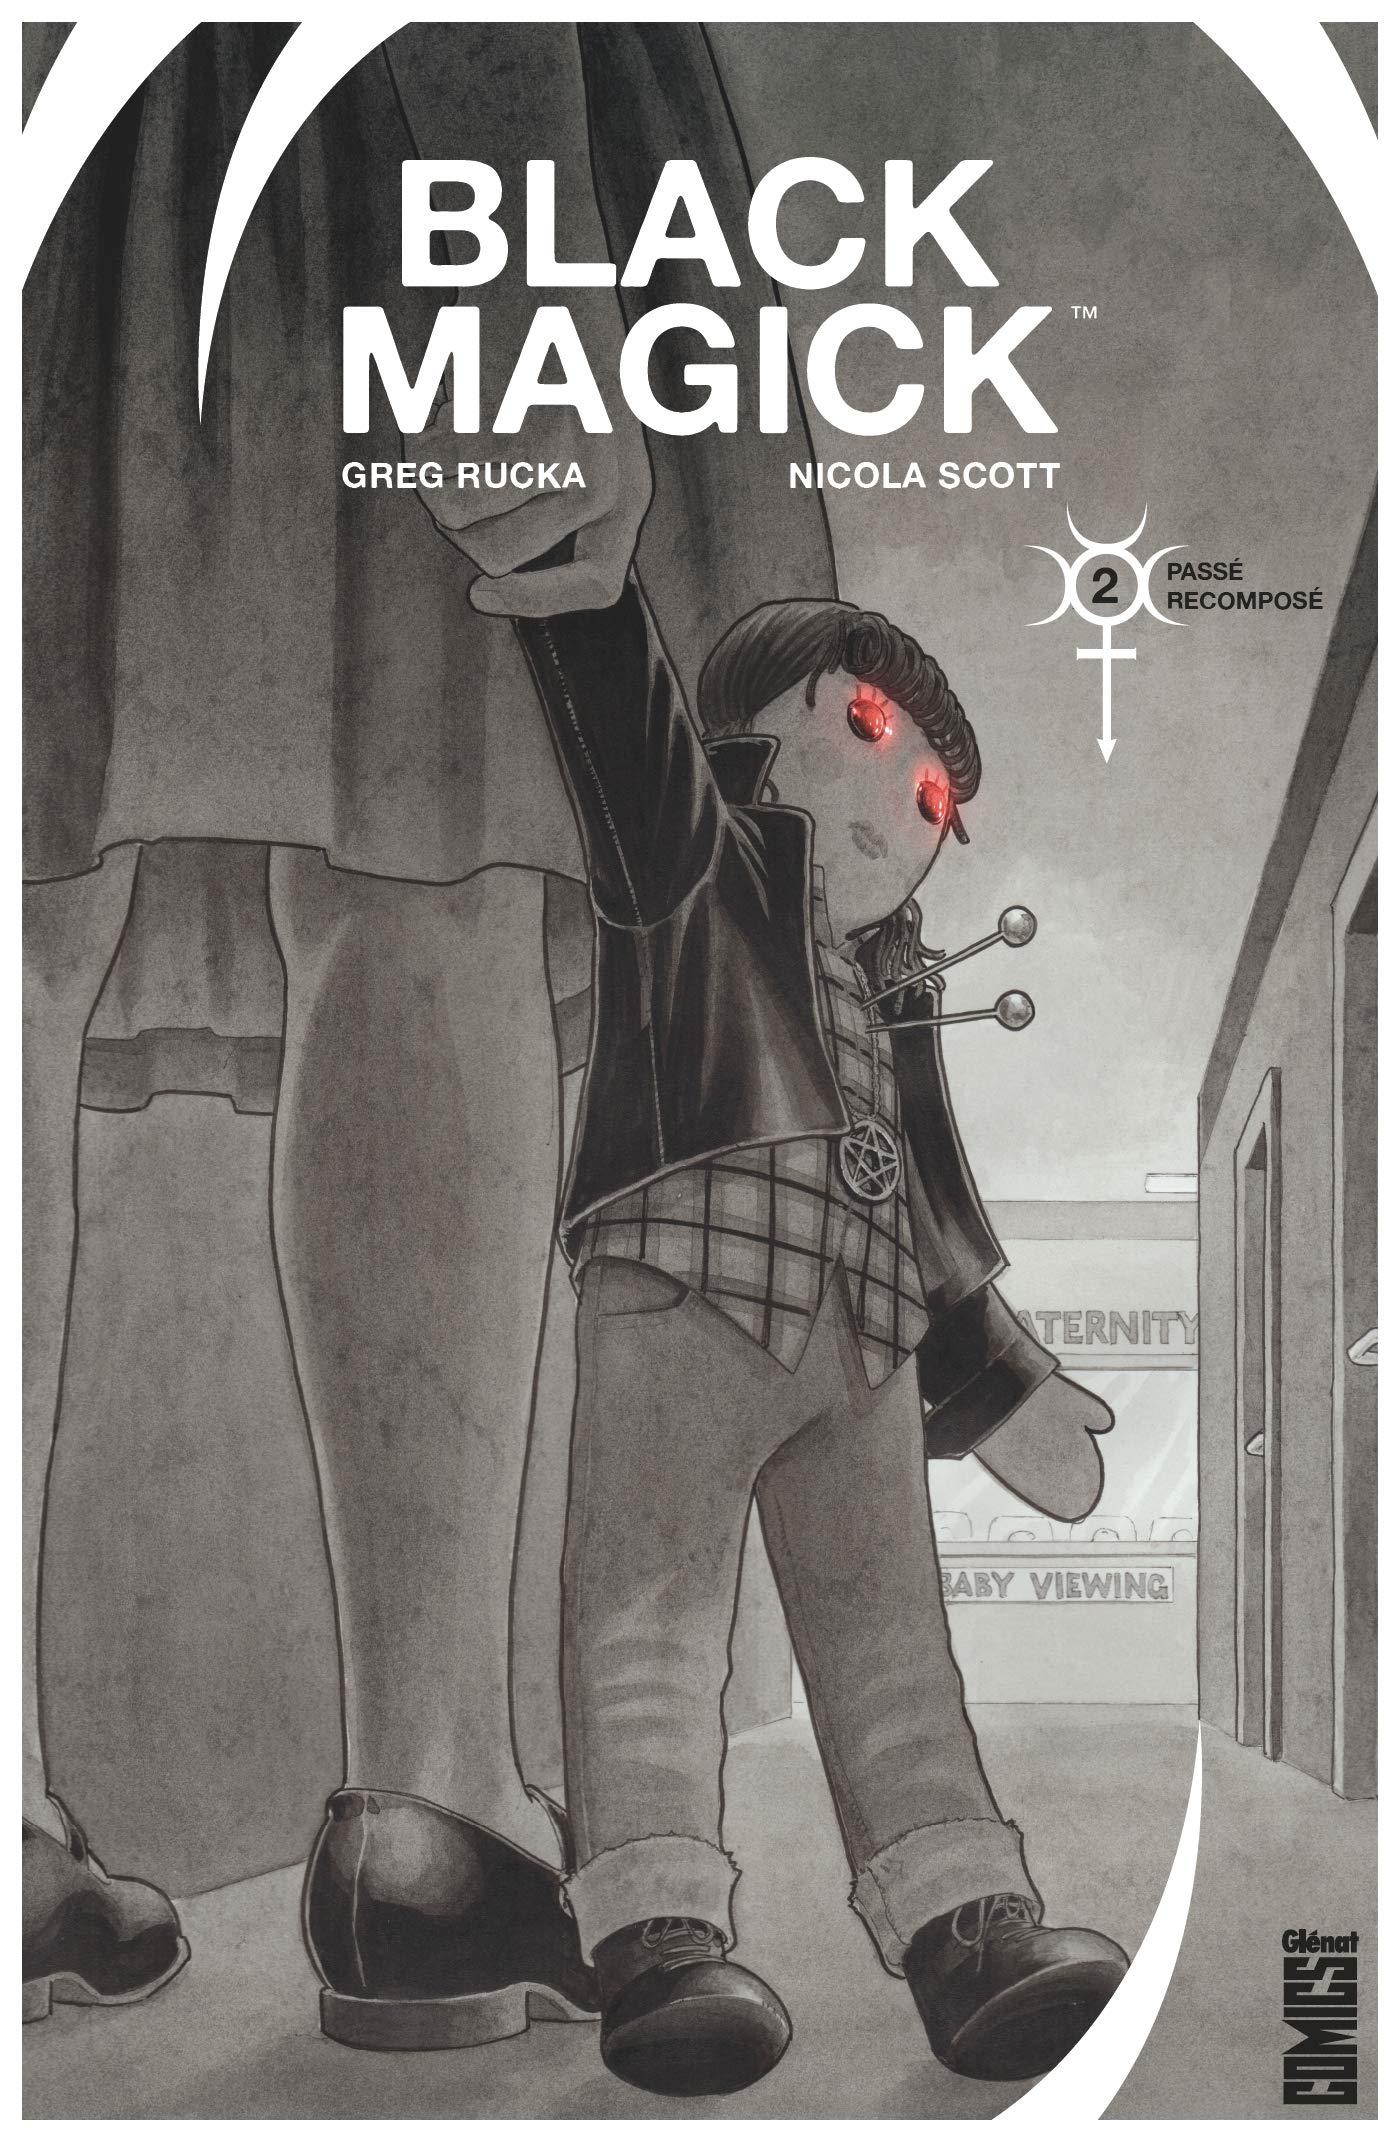 Black Magick 2